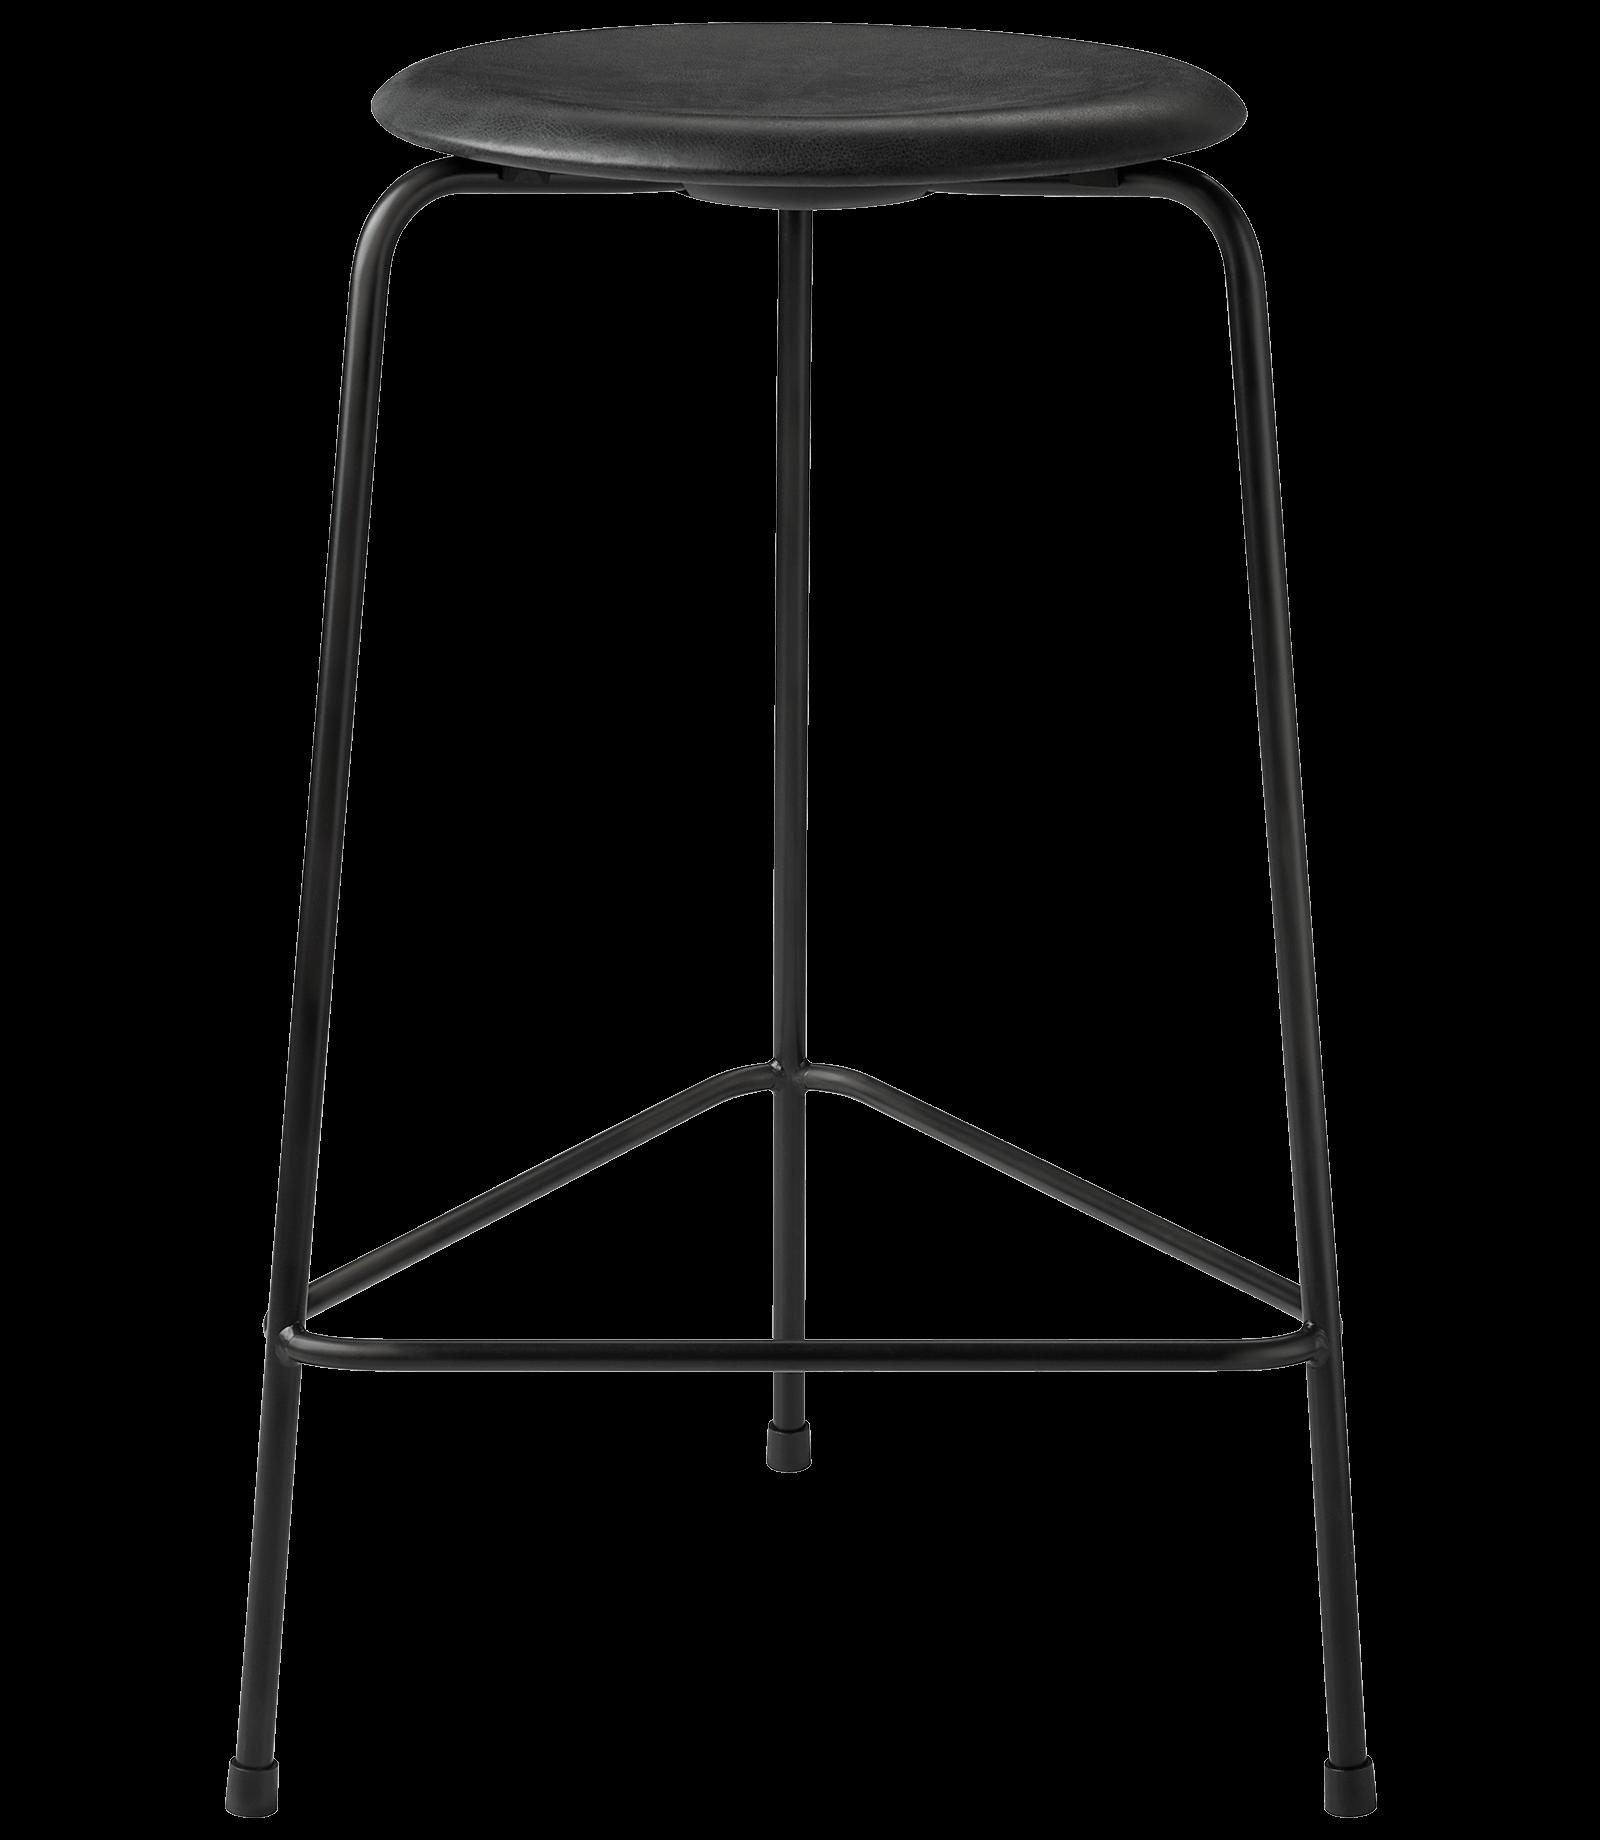 FRITZHANSEN(フリッツハンセン)dot stool(ドットスツール)ハイスツール,粉体塗装仕上げスチール脚, レザー